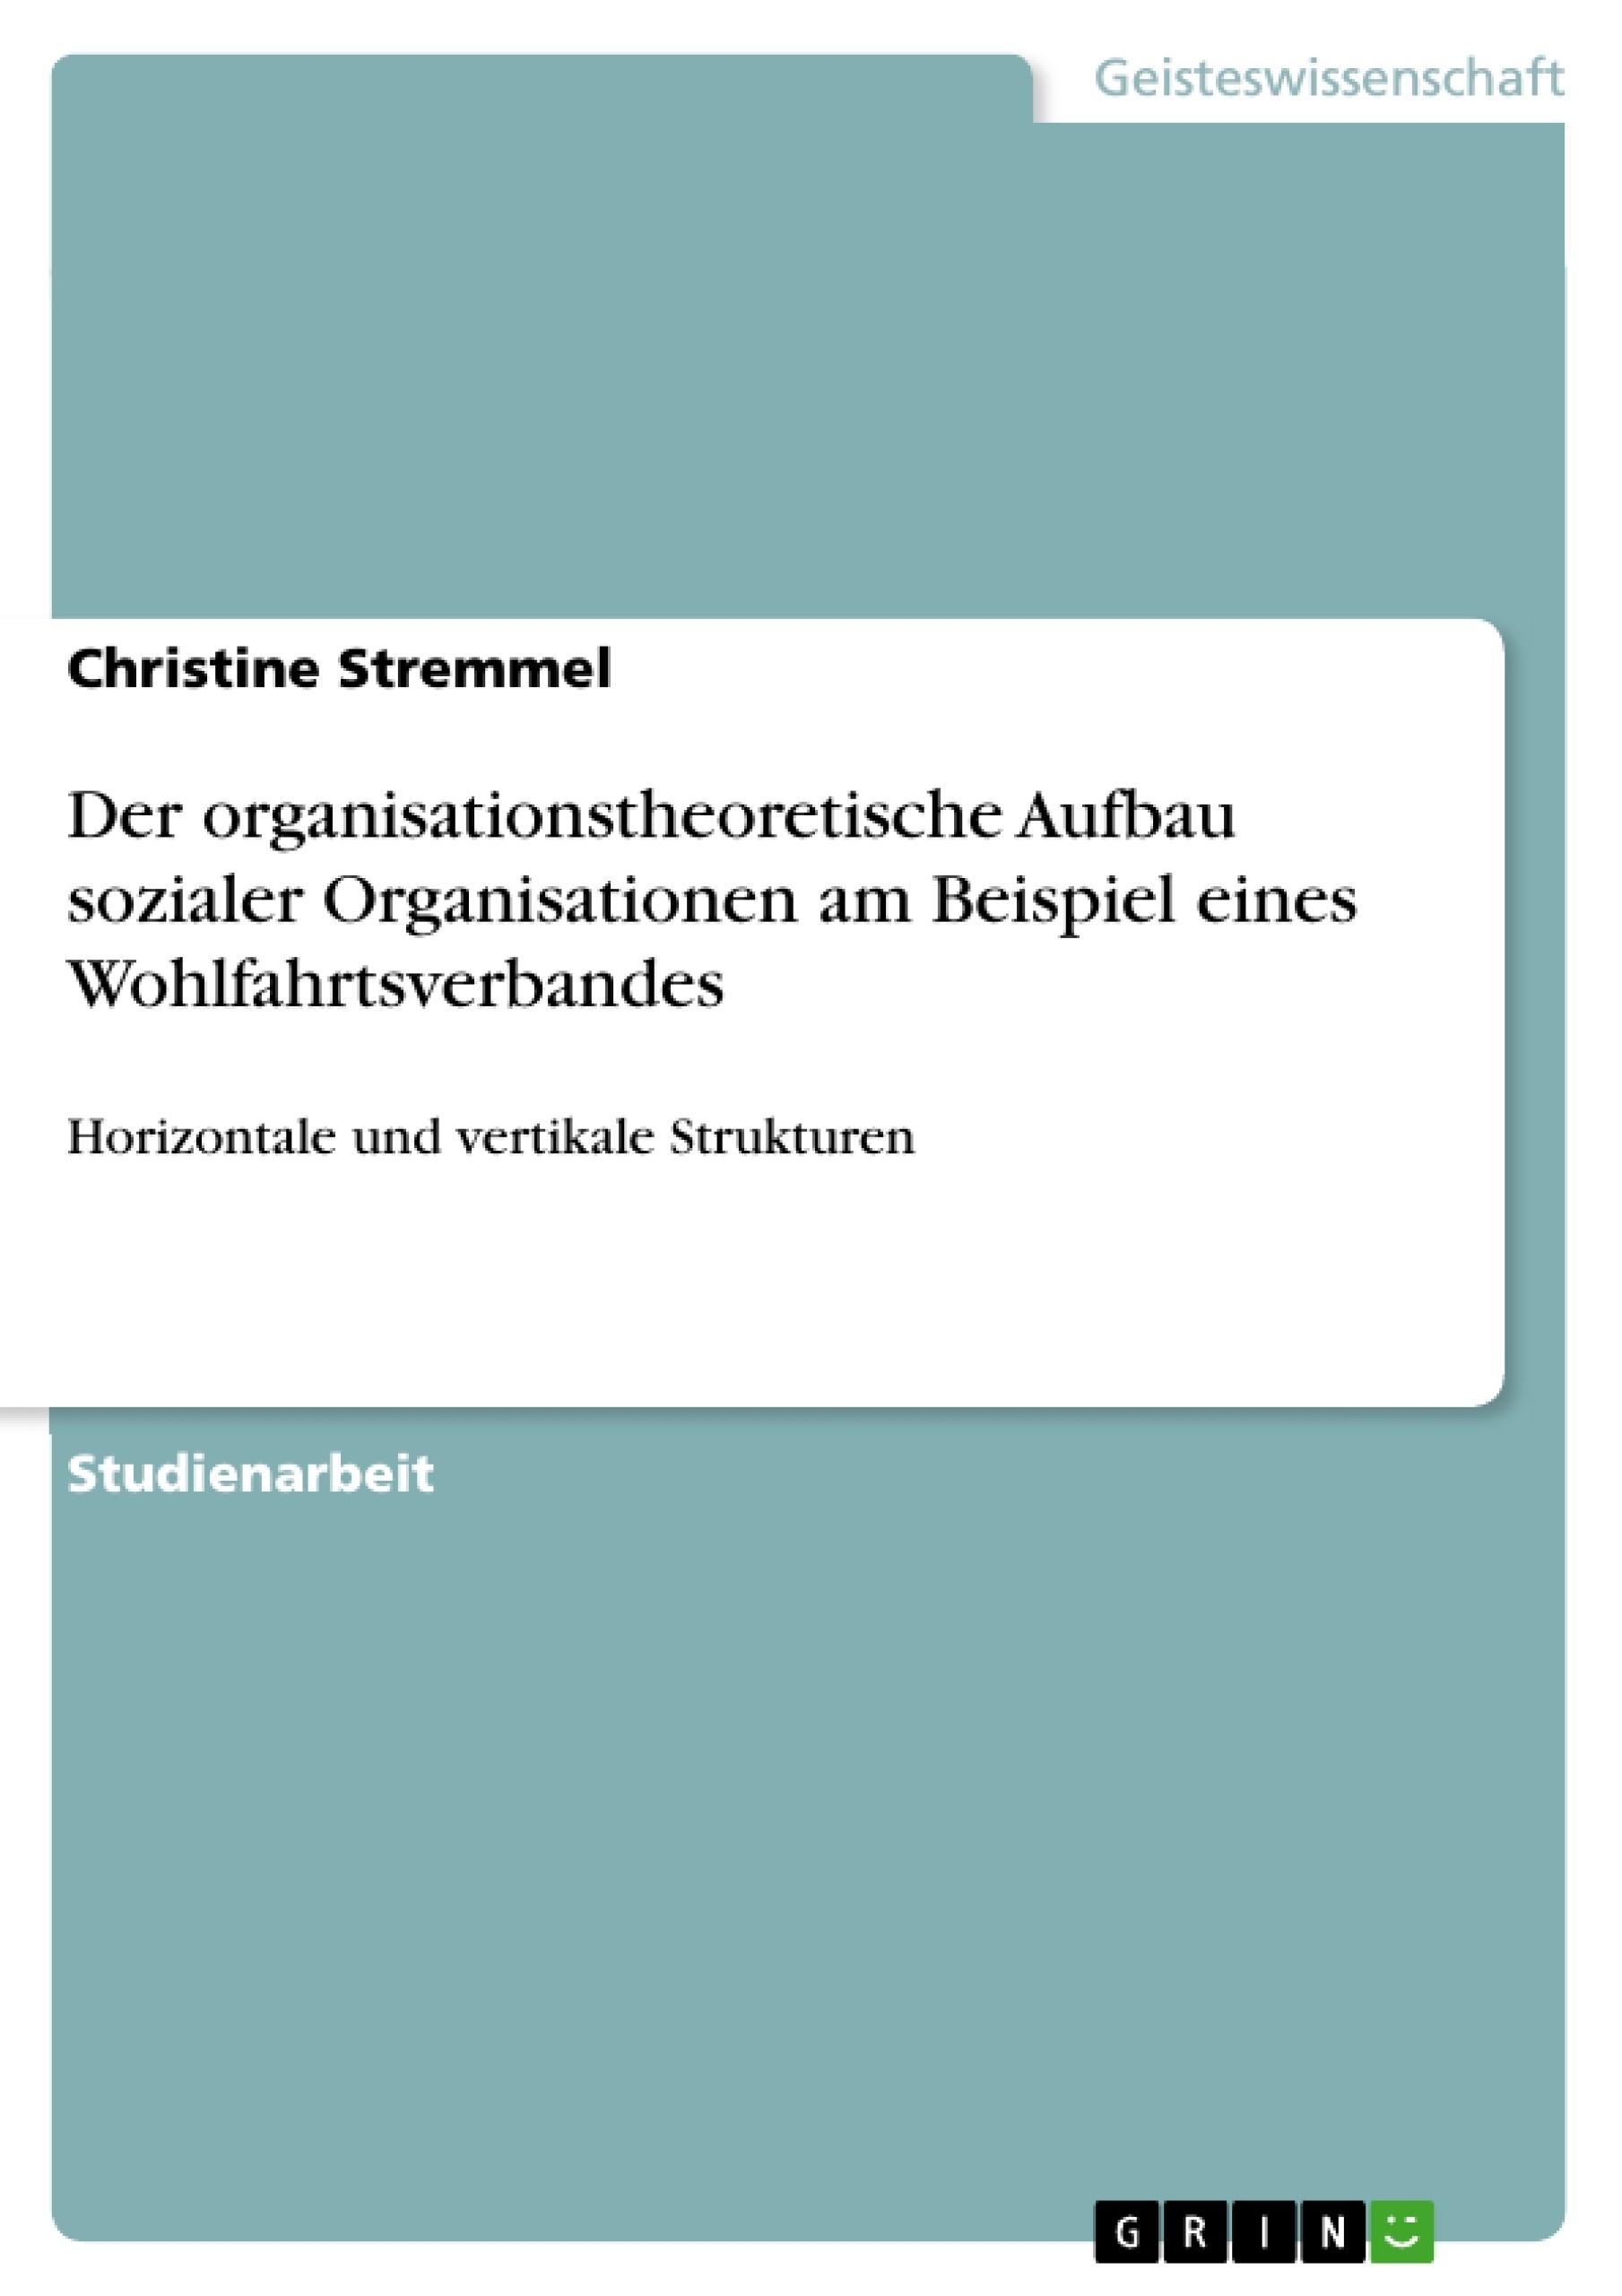 Titel: Der organisationstheoretische Aufbau sozialer Organisationen am Beispiel eines Wohlfahrtsverbandes